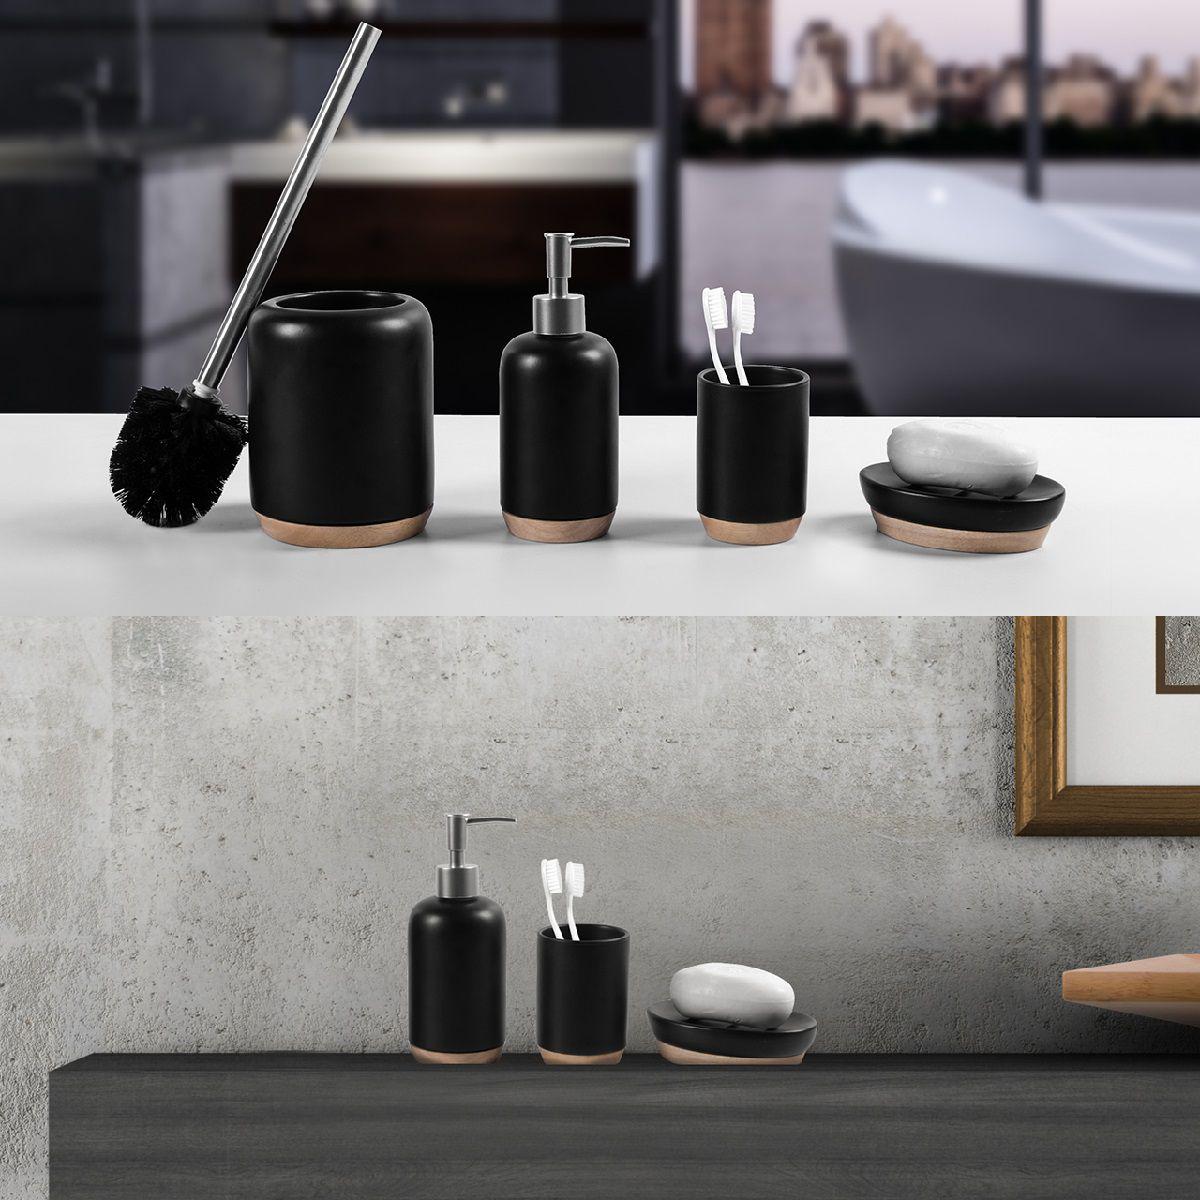 Escova Sanitária de Cerâmica e Madeira - KBCM/ES